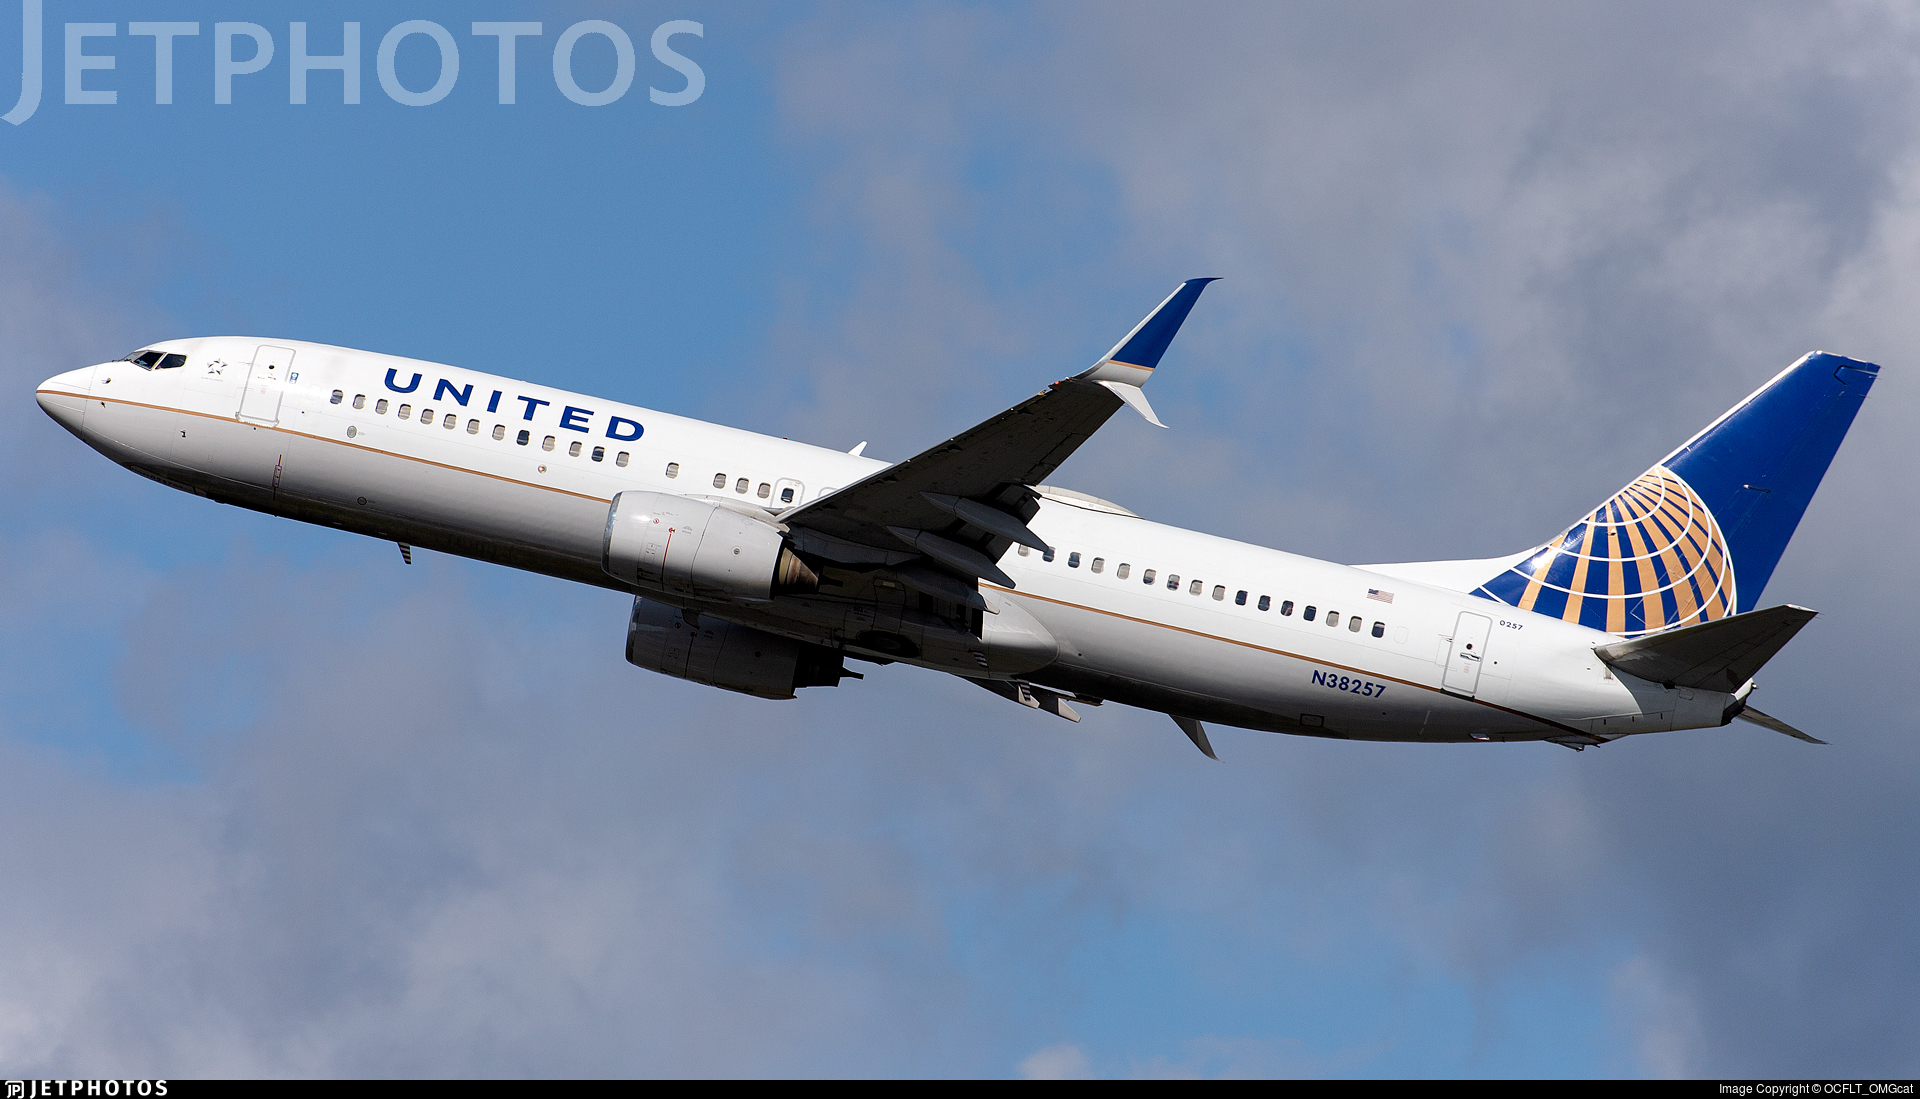 N38257 - Boeing 737-824 - United Airlines